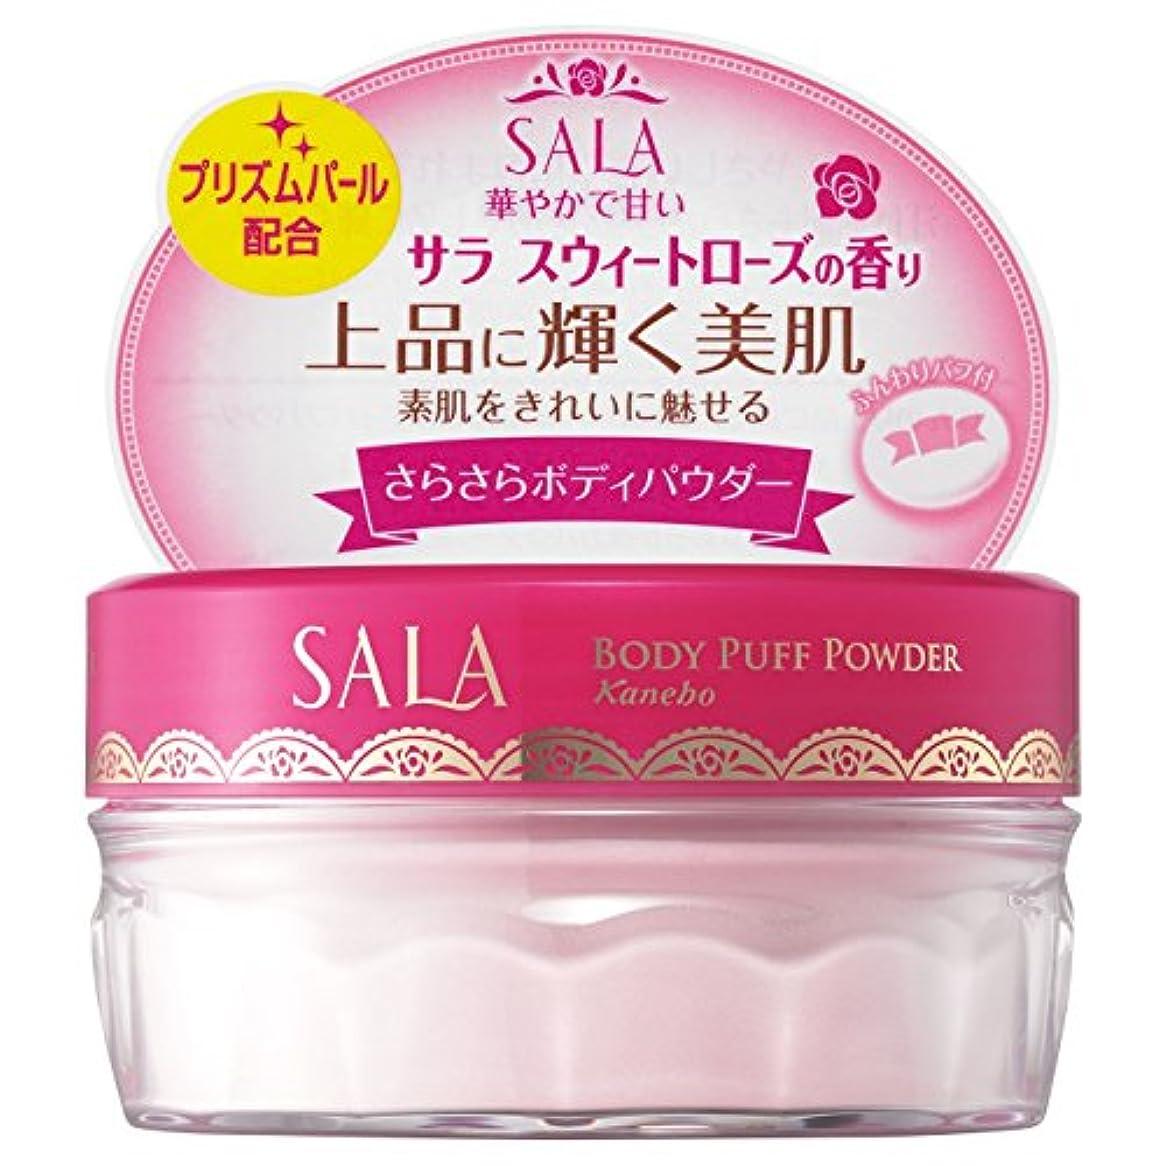 アサー形容詞保守的サラ ボディパフパウダー プリズムパール サラスウィートローズの香り